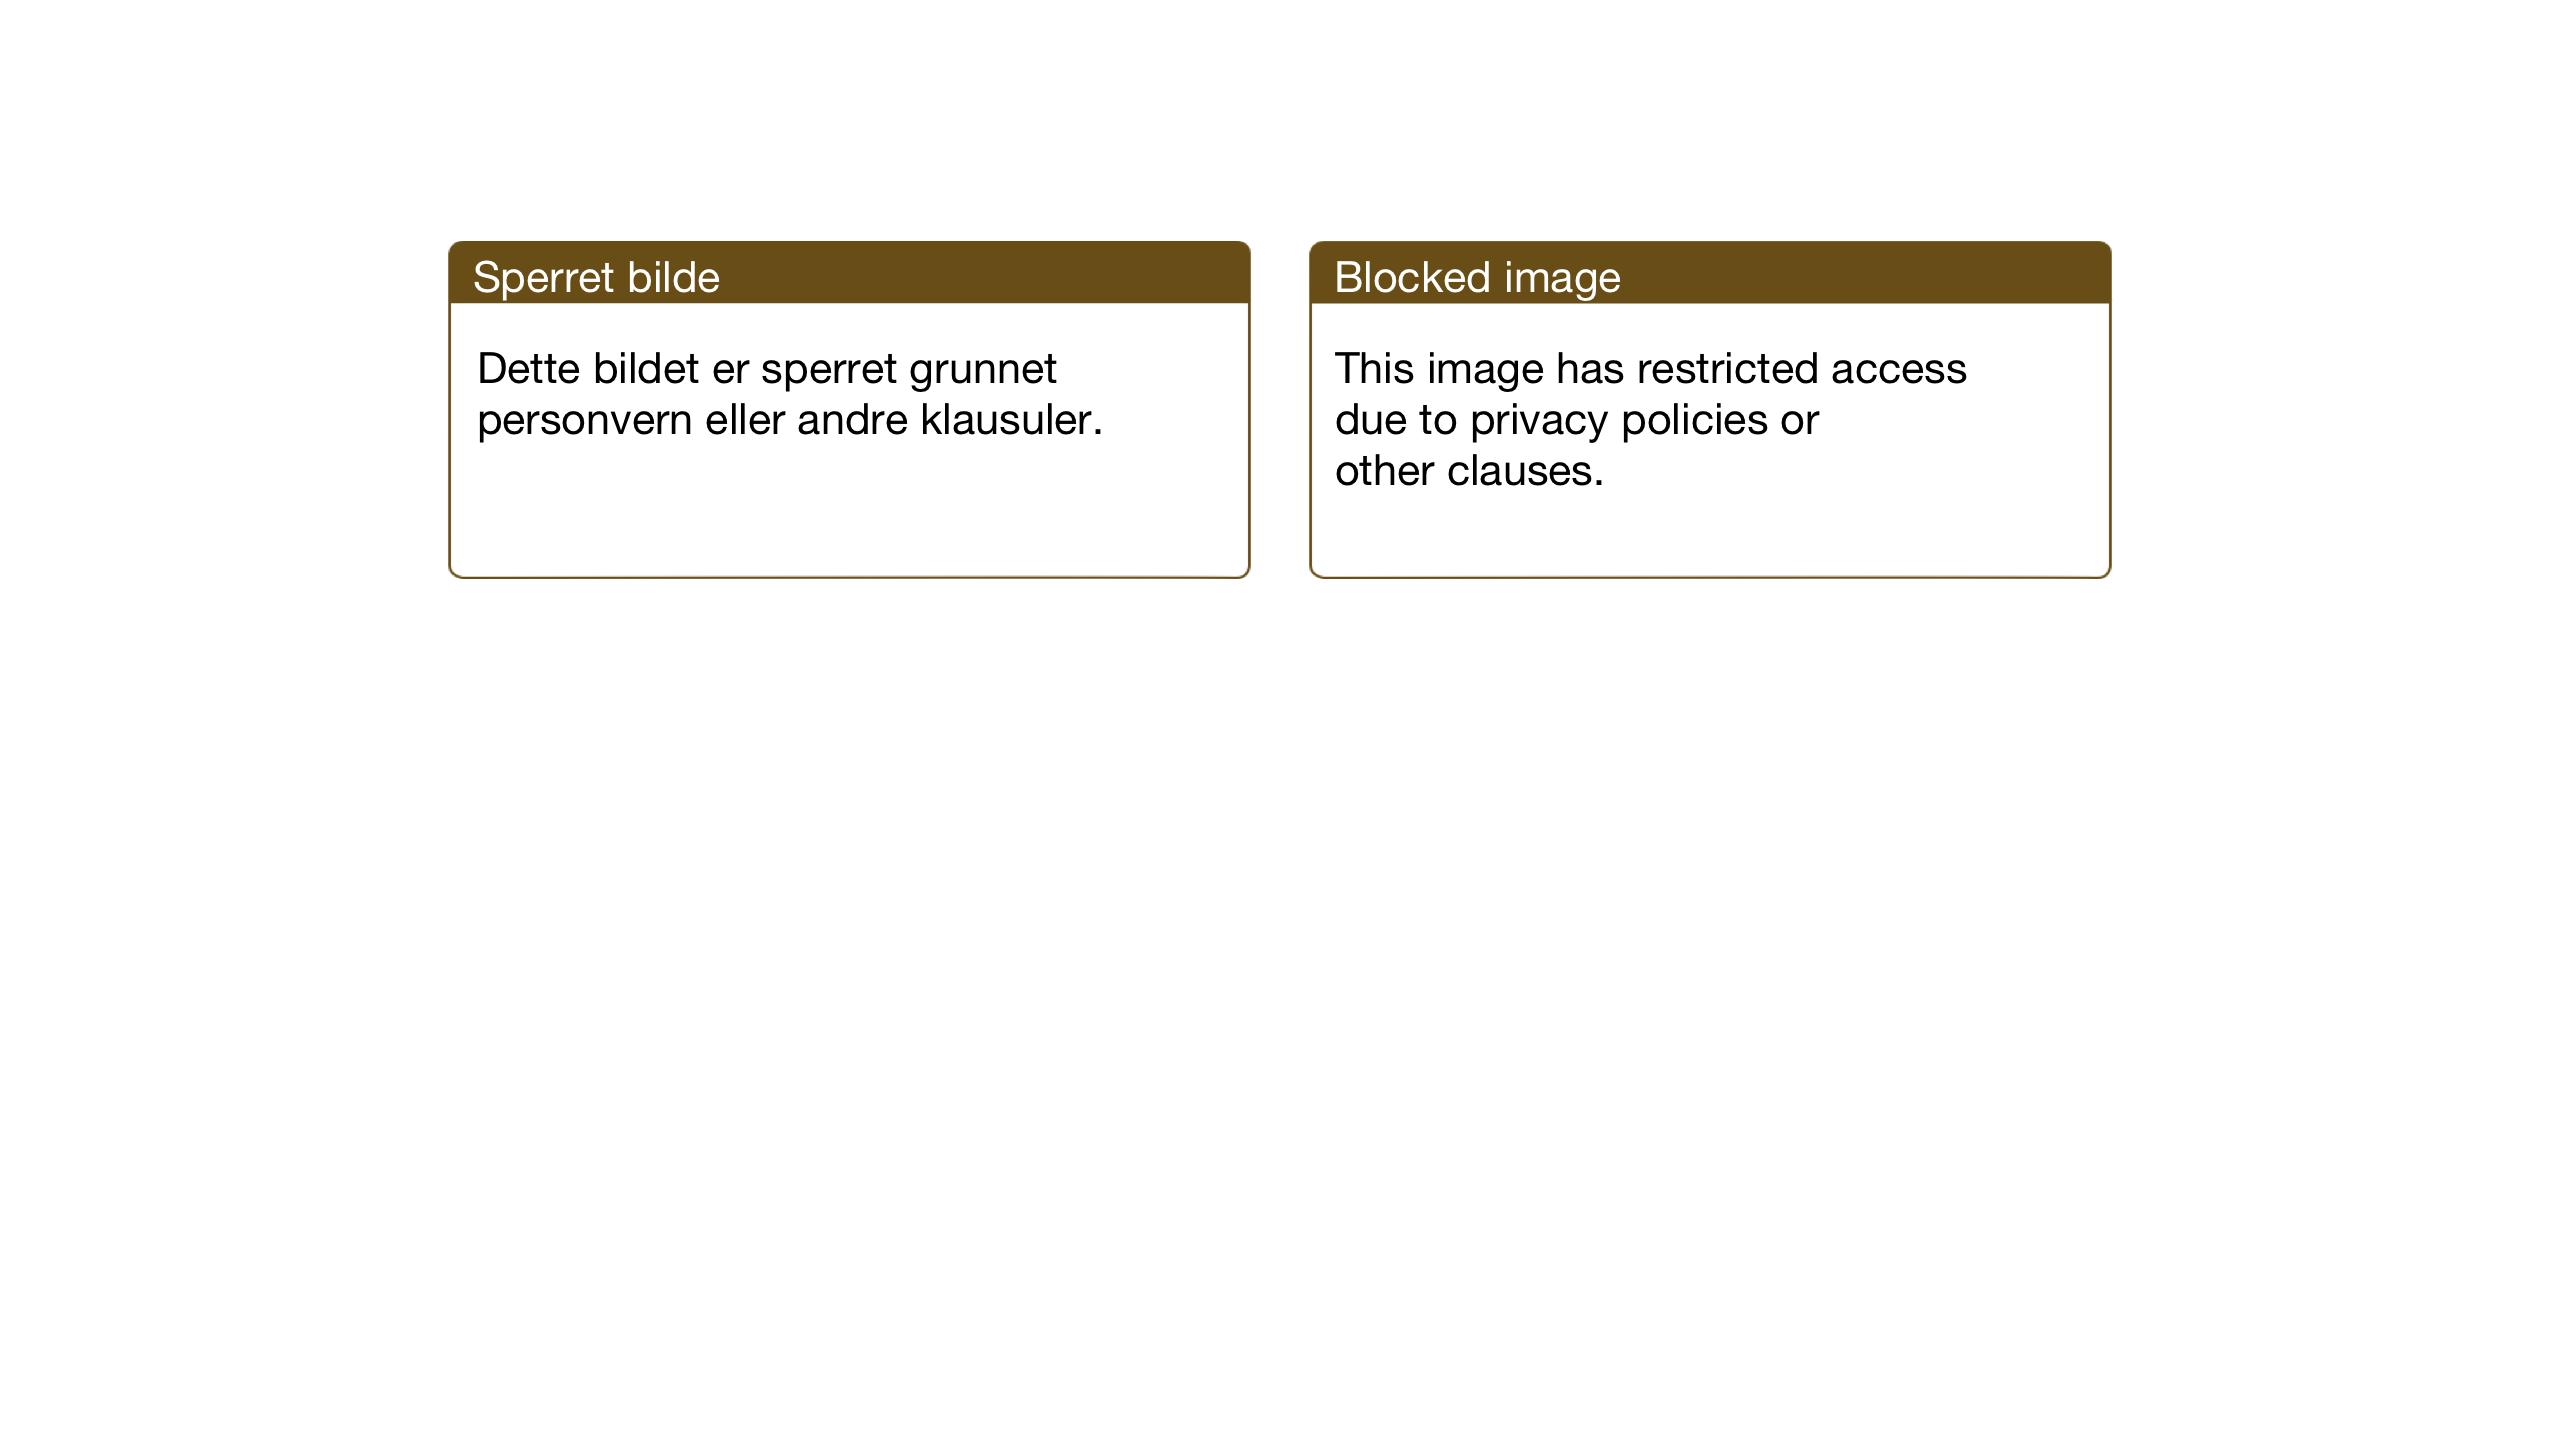 SAT, Ministerialprotokoller, klokkerbøker og fødselsregistre - Nord-Trøndelag, 745/L0434: Klokkerbok nr. 745C03, 1914-1937, s. 58